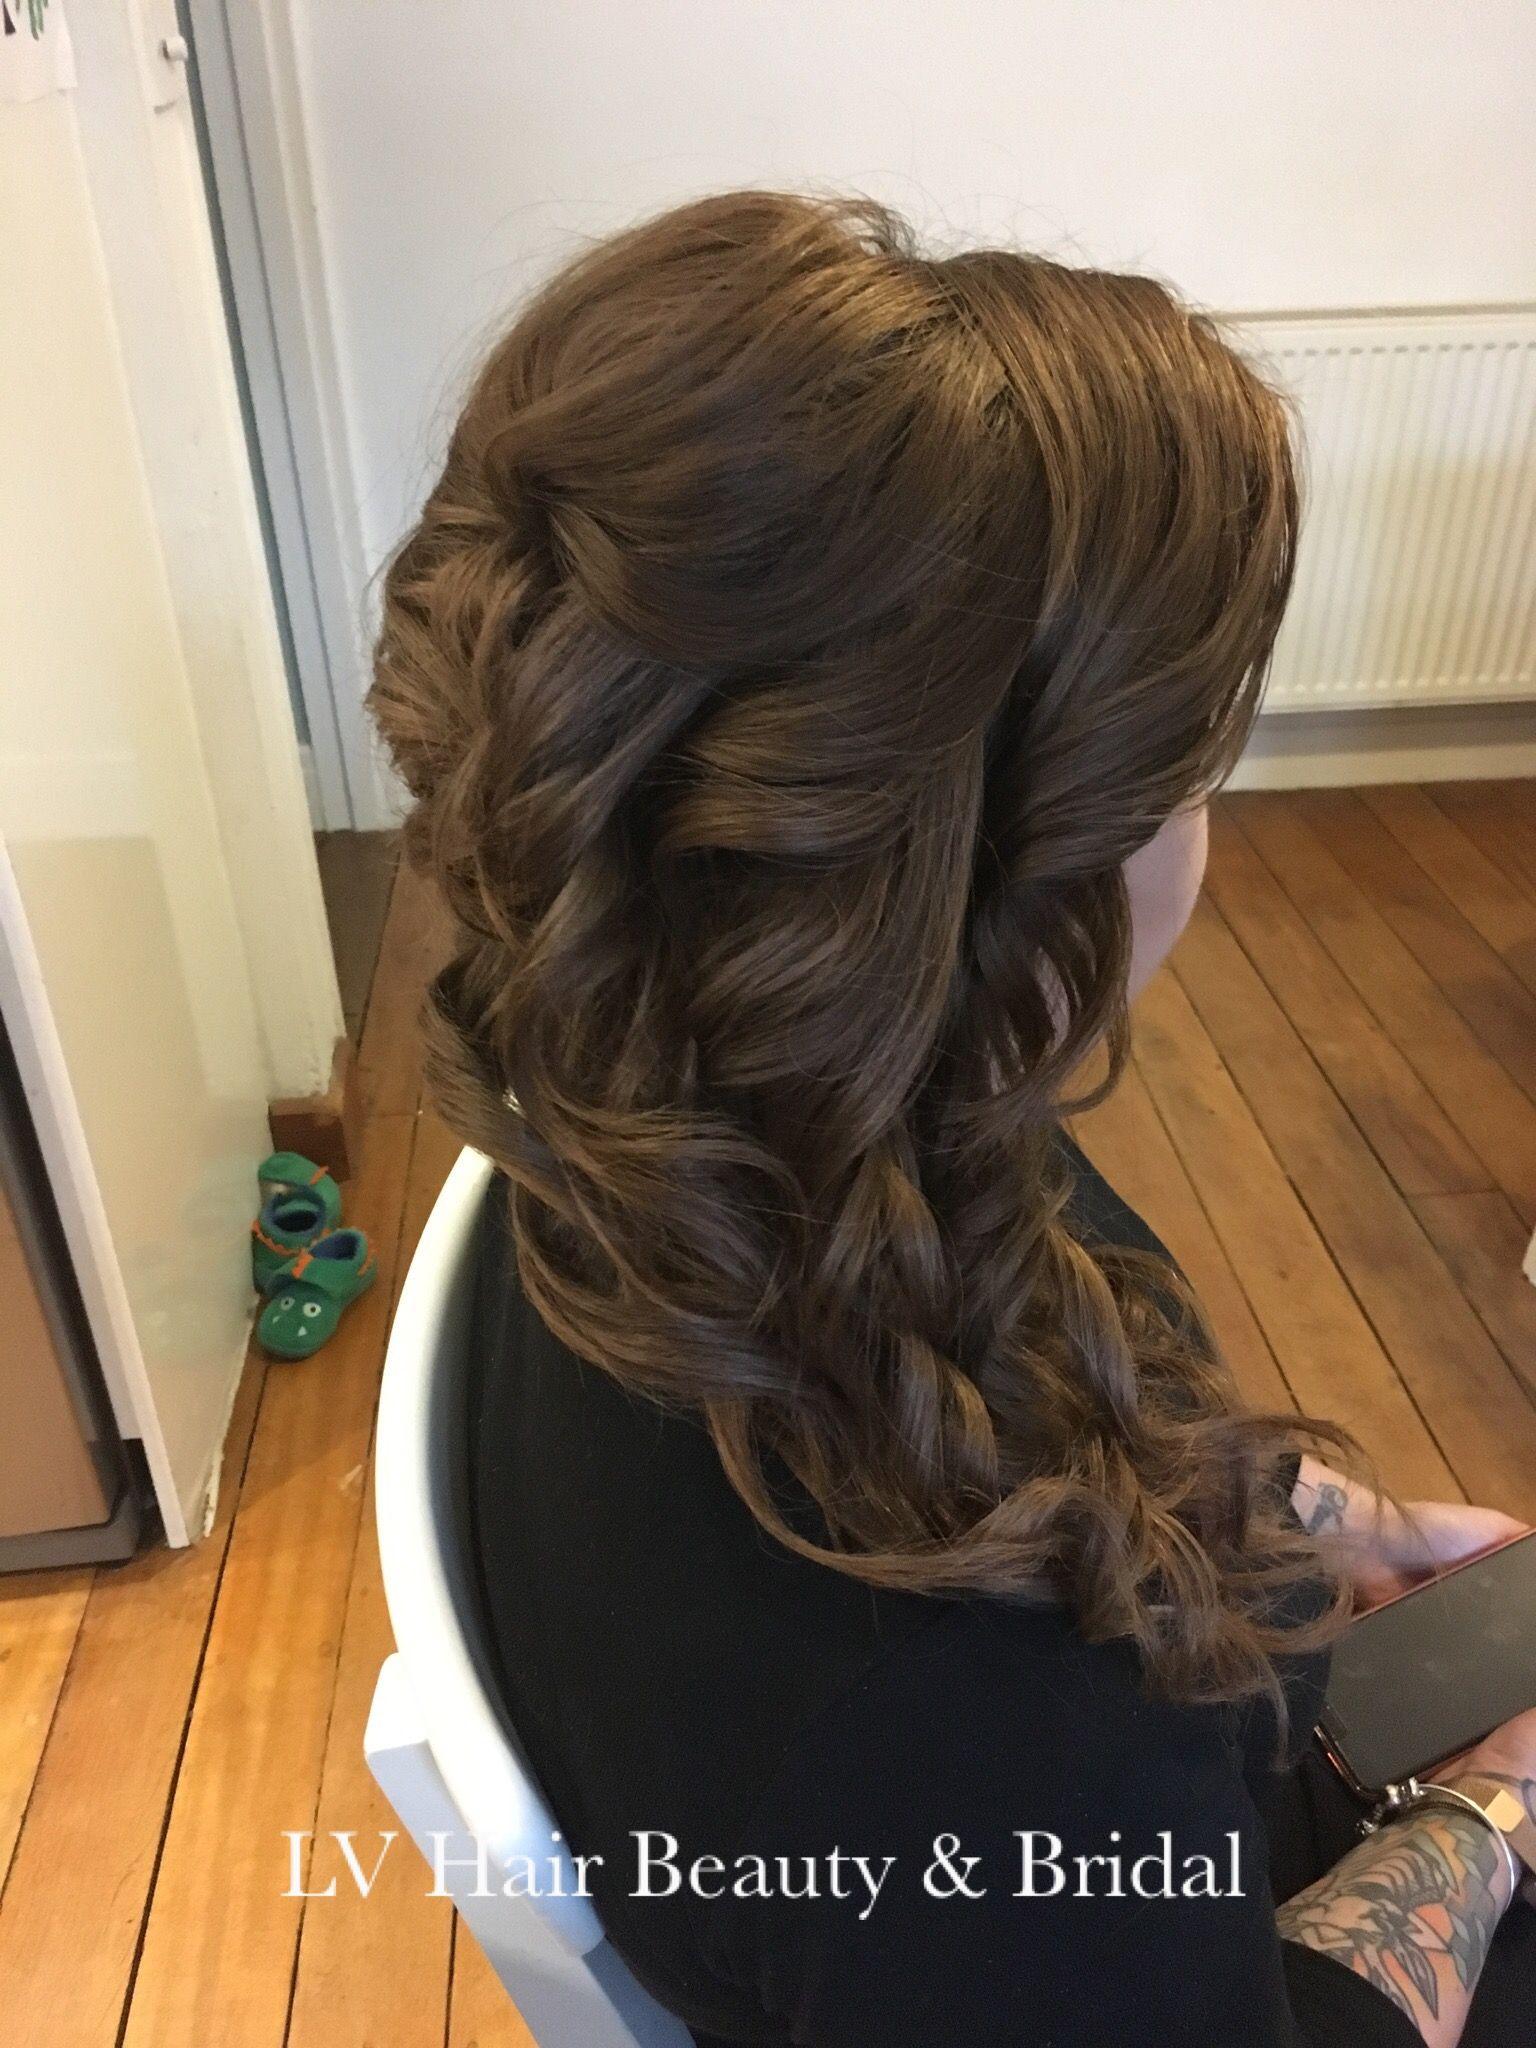 Wedding Bridesmaid Side Pony Tail Frisur Hochgesteckt Haar Styling Haarschonheit